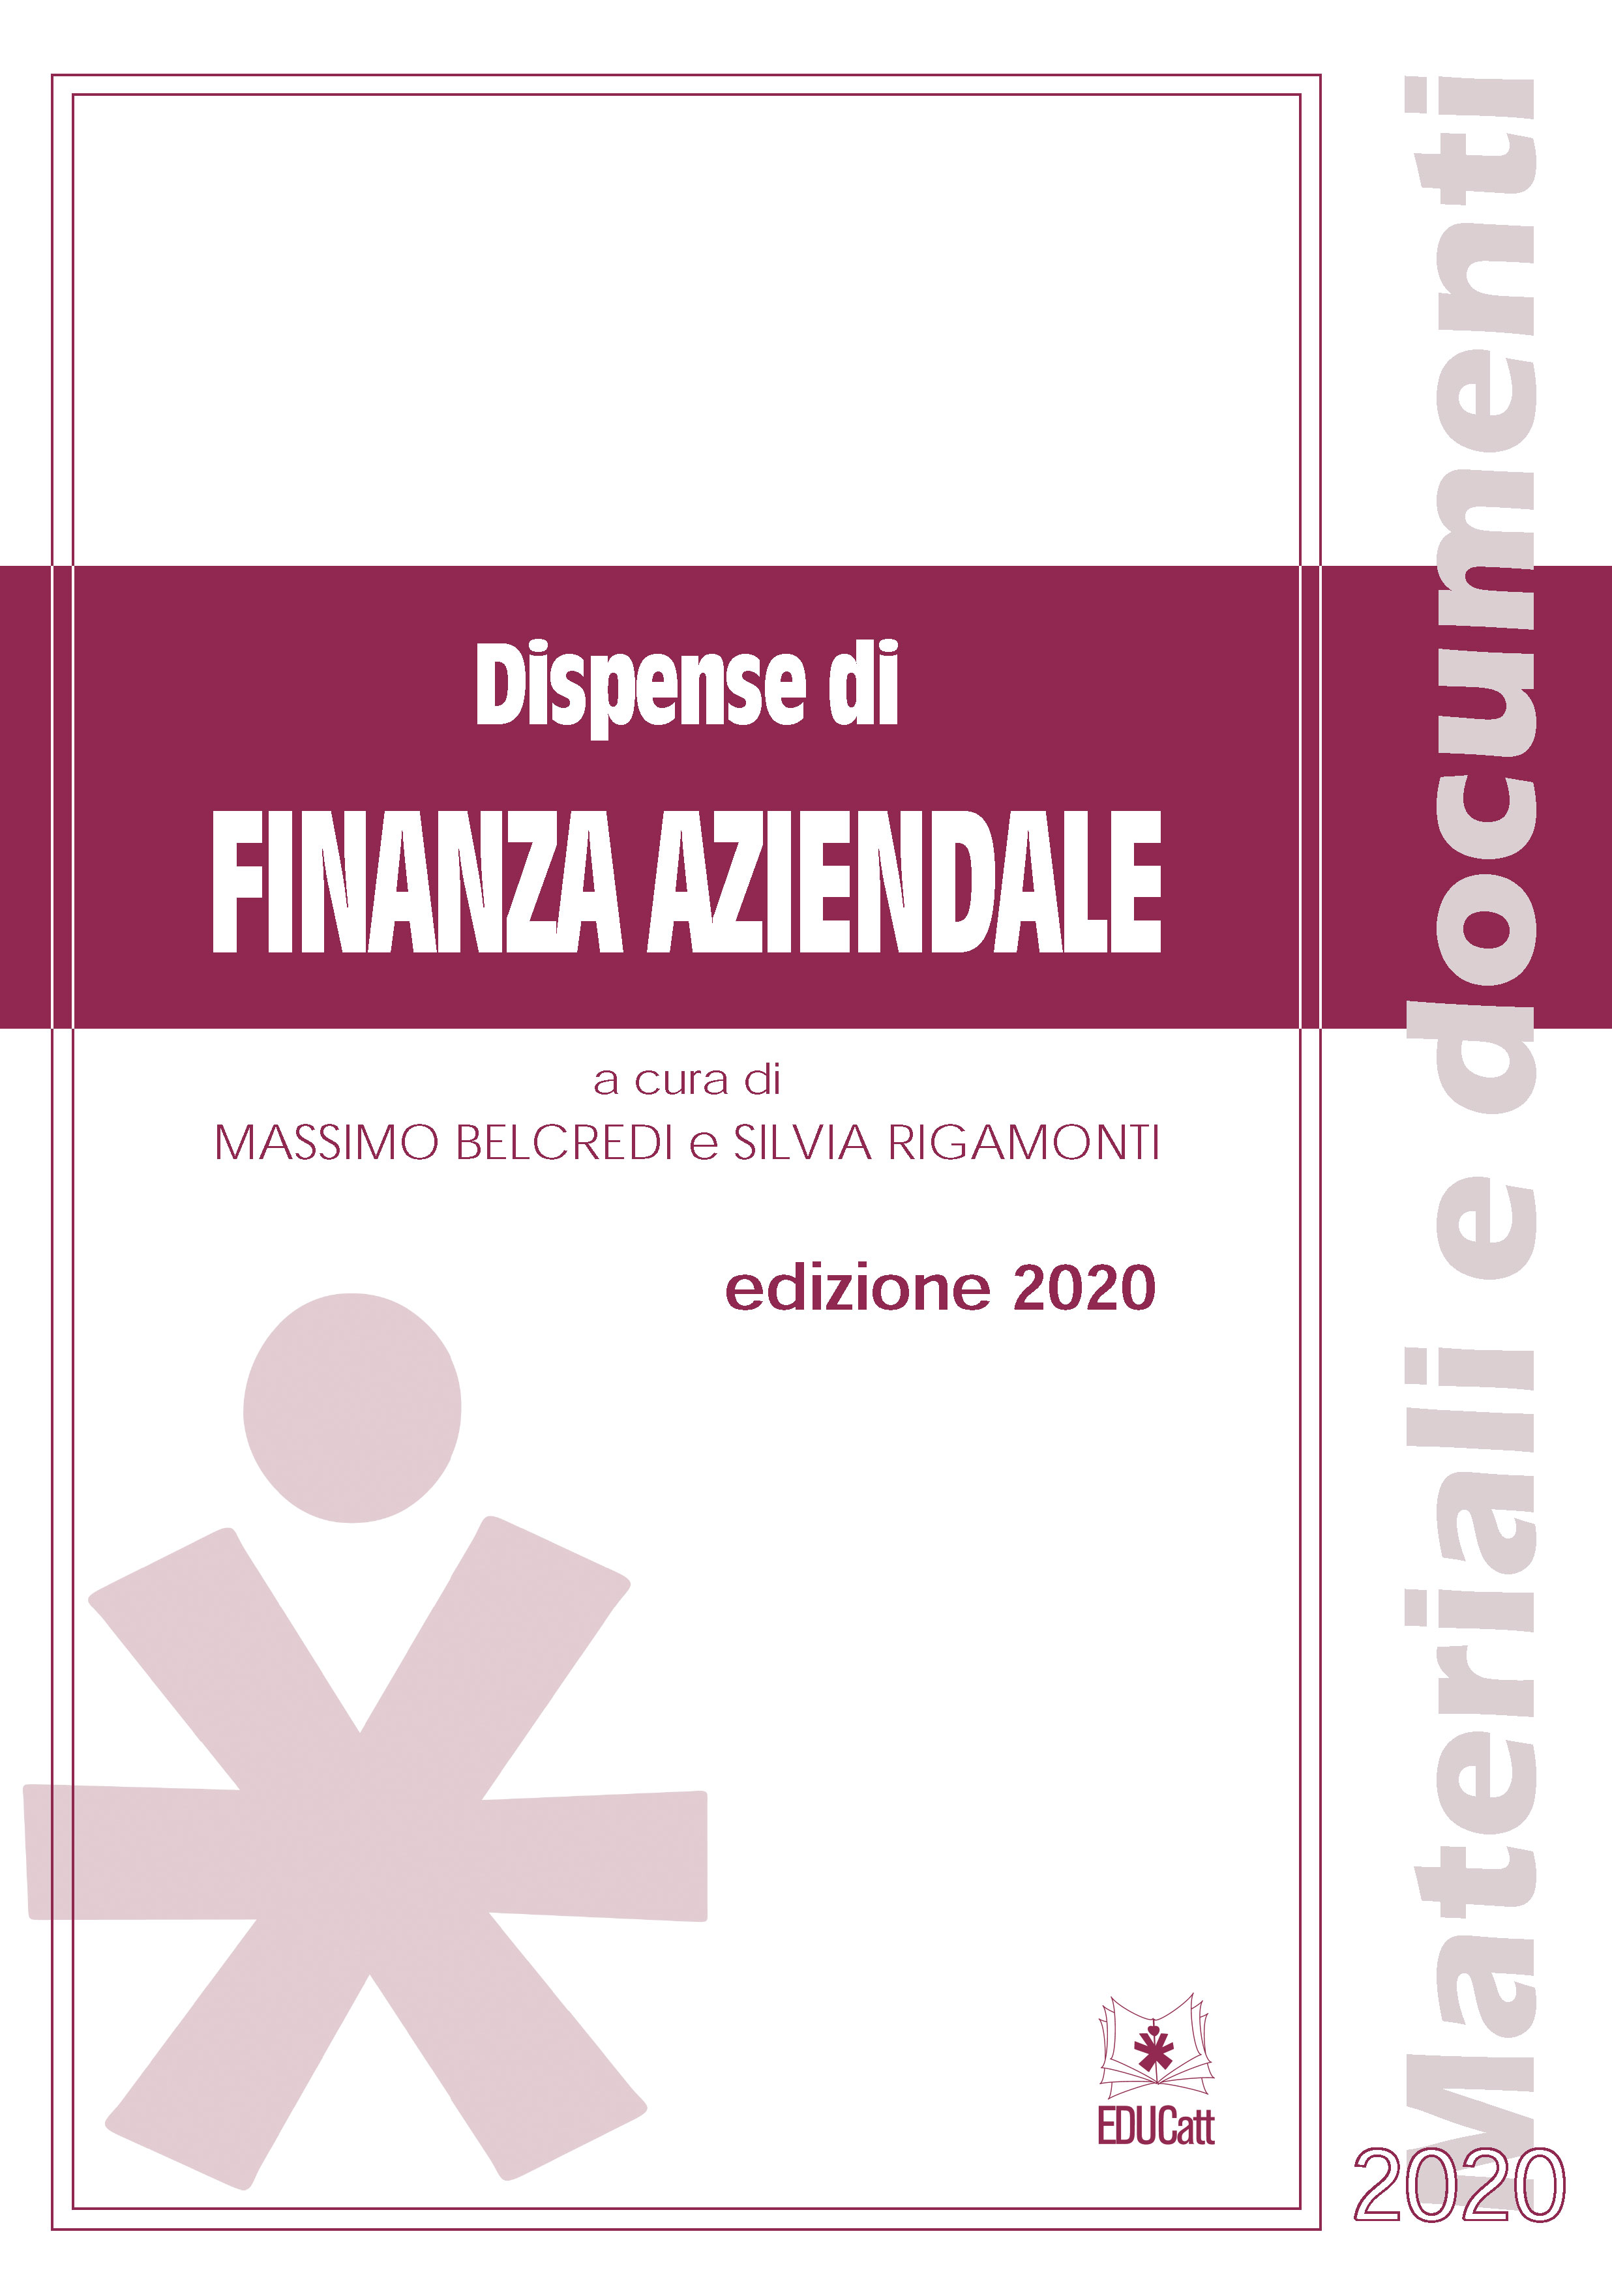 DISPENSE DI FINANZA AZIENDALE (ED. 2020)